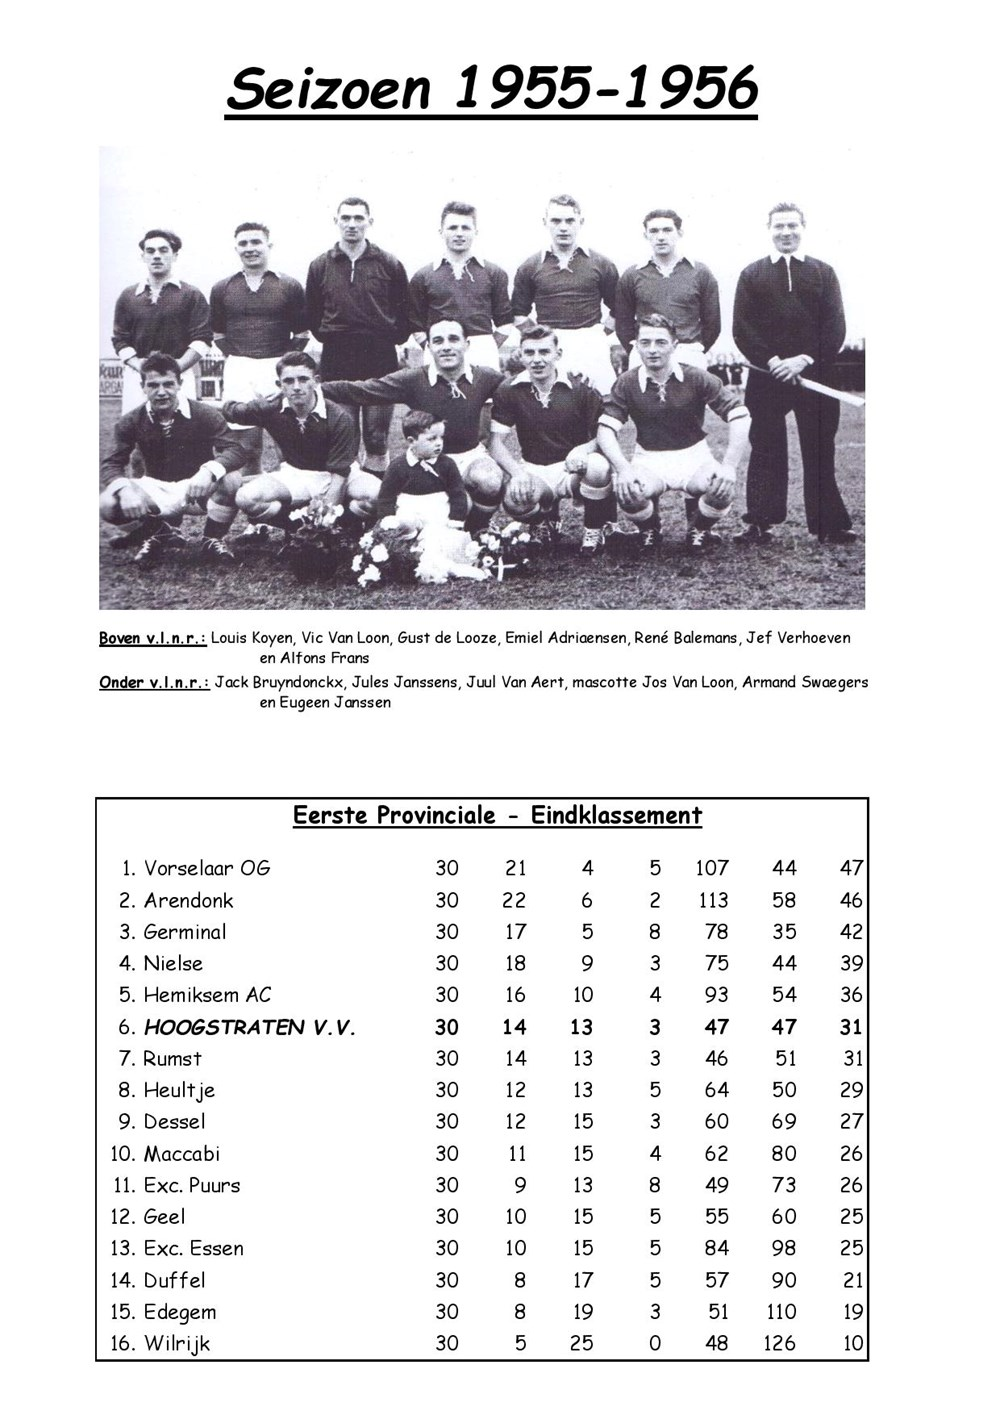 seizoen_1955-1956-page-001.jpg